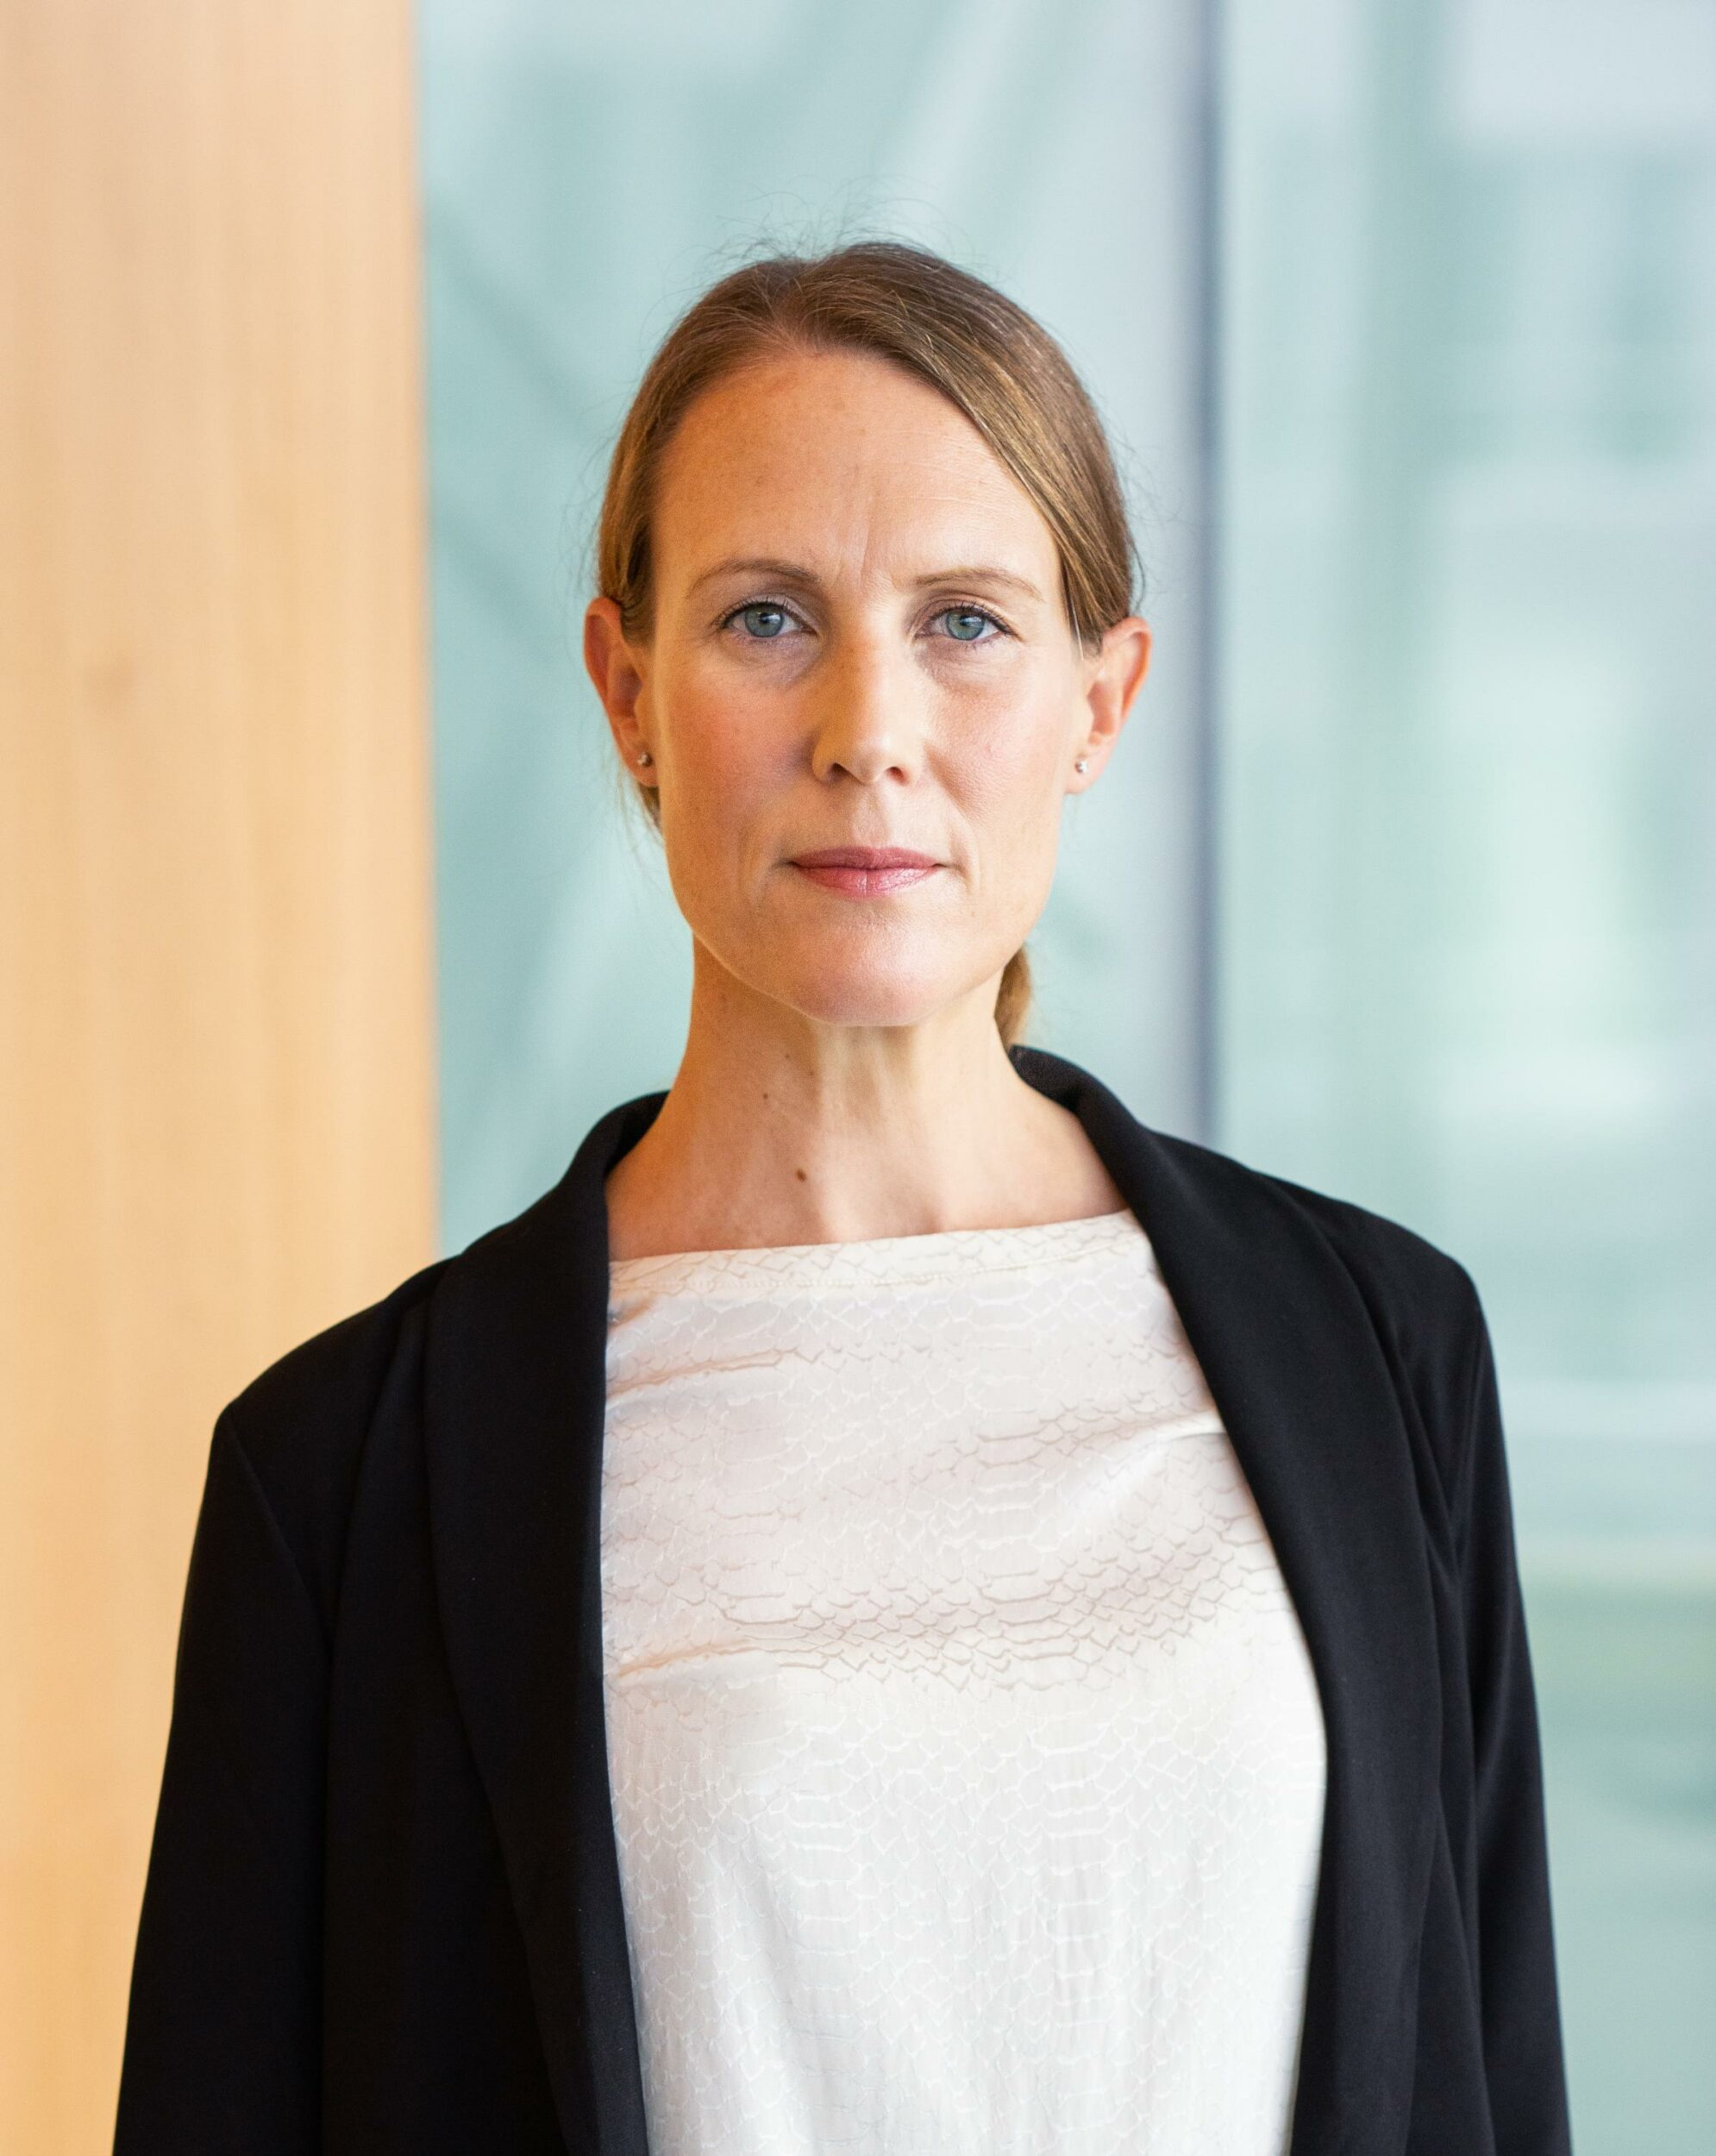 Åsa Waller